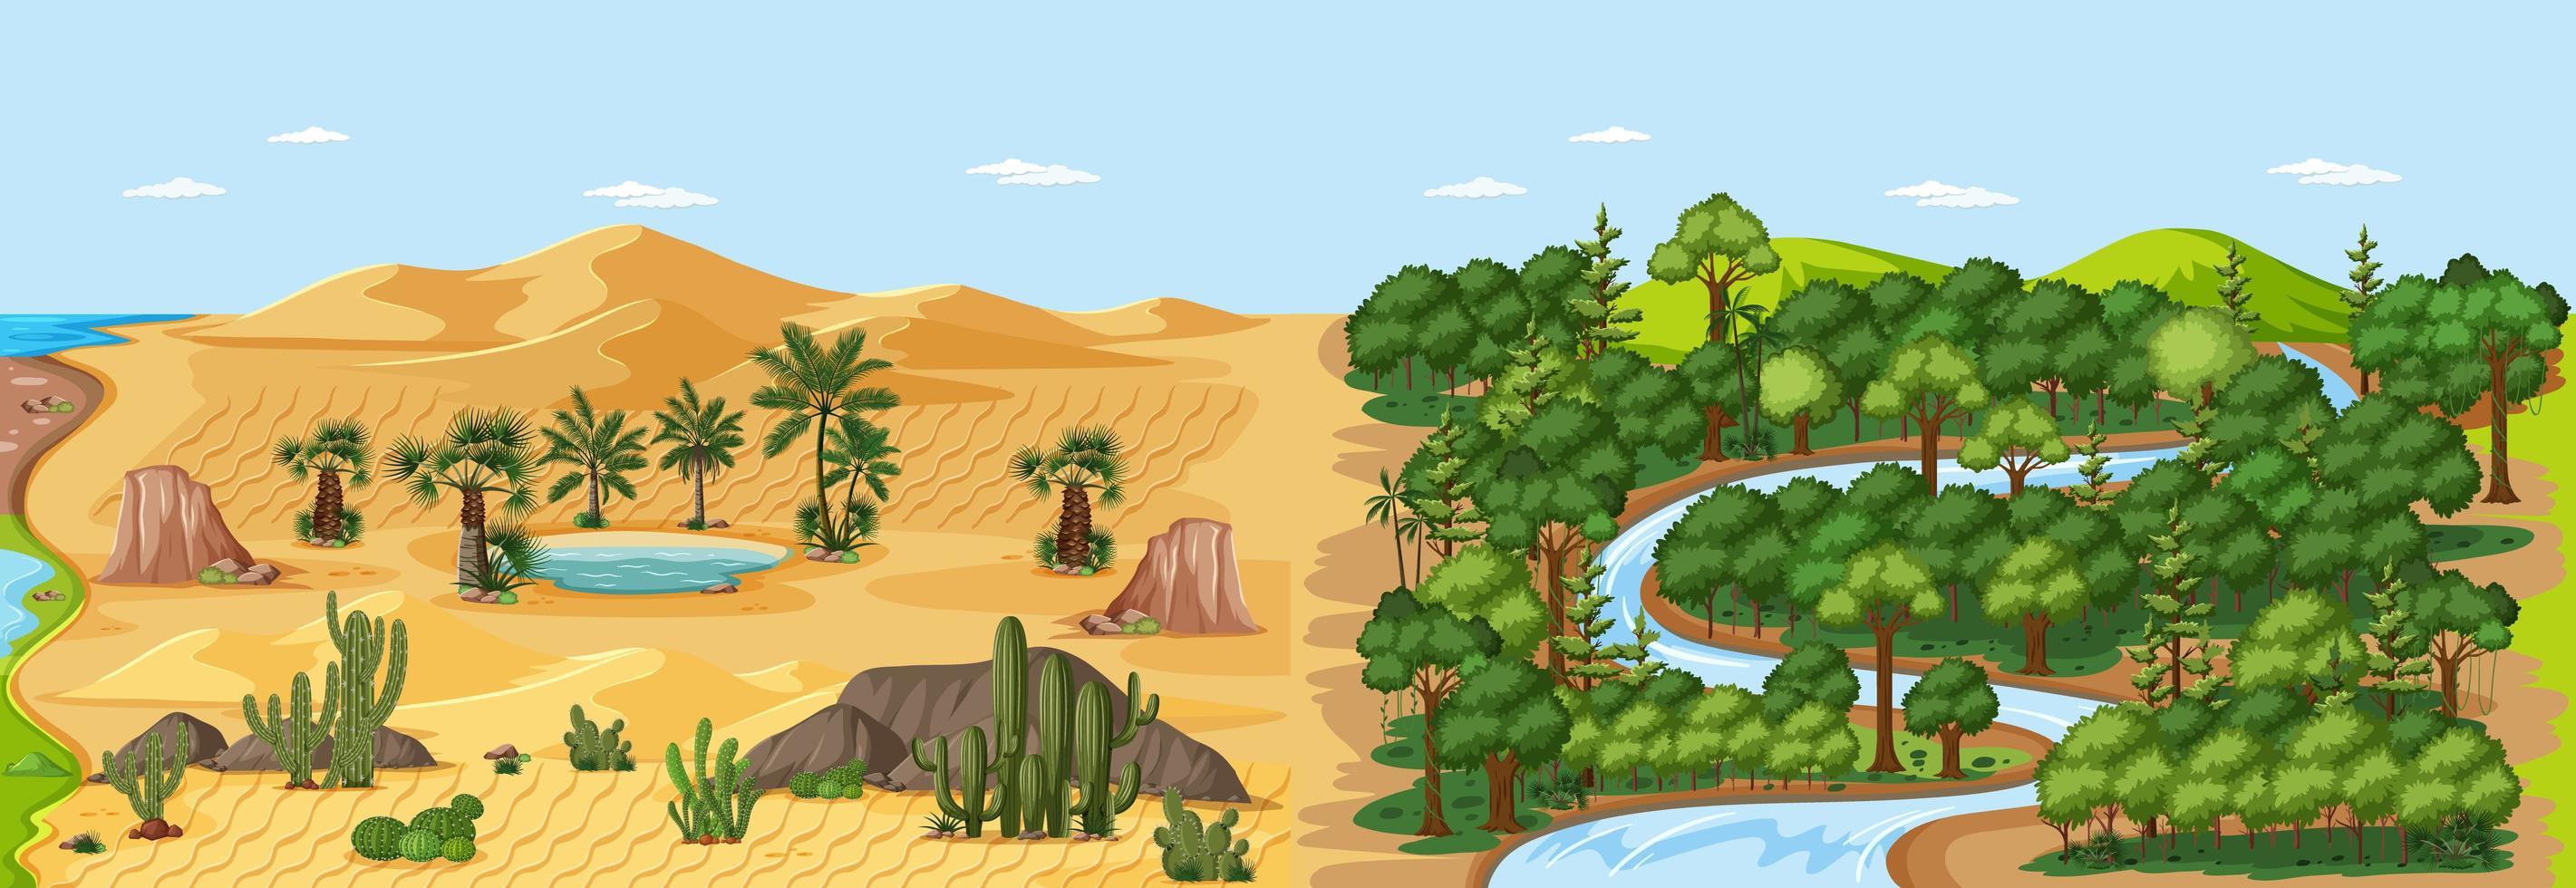 Waldlandschaft und Wüstendünen mit Oase vektor